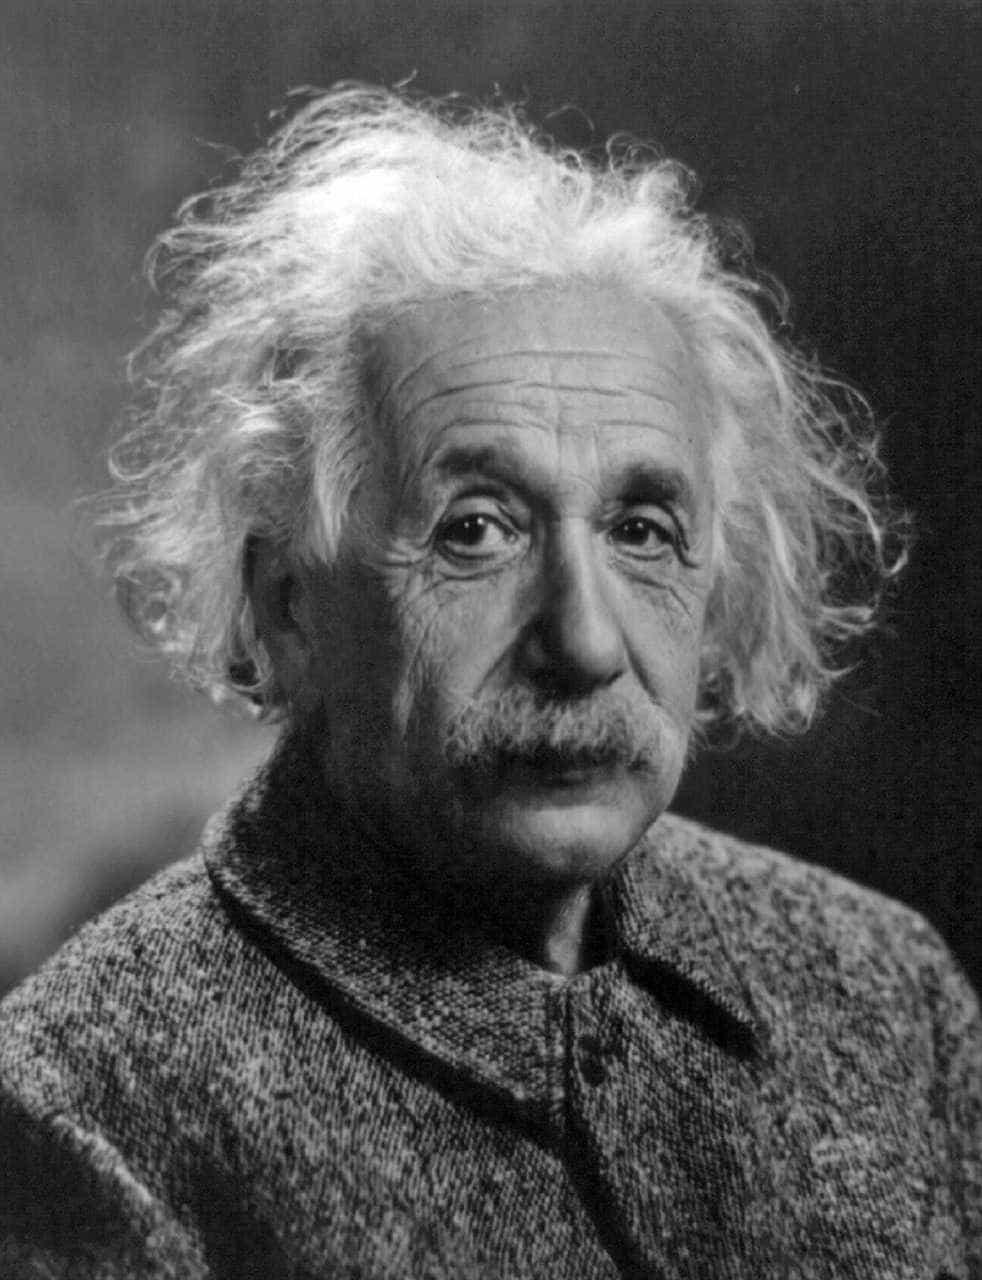 'Carta de Deus', escrita por Einstein, é leiloada por R$ 11 milhões